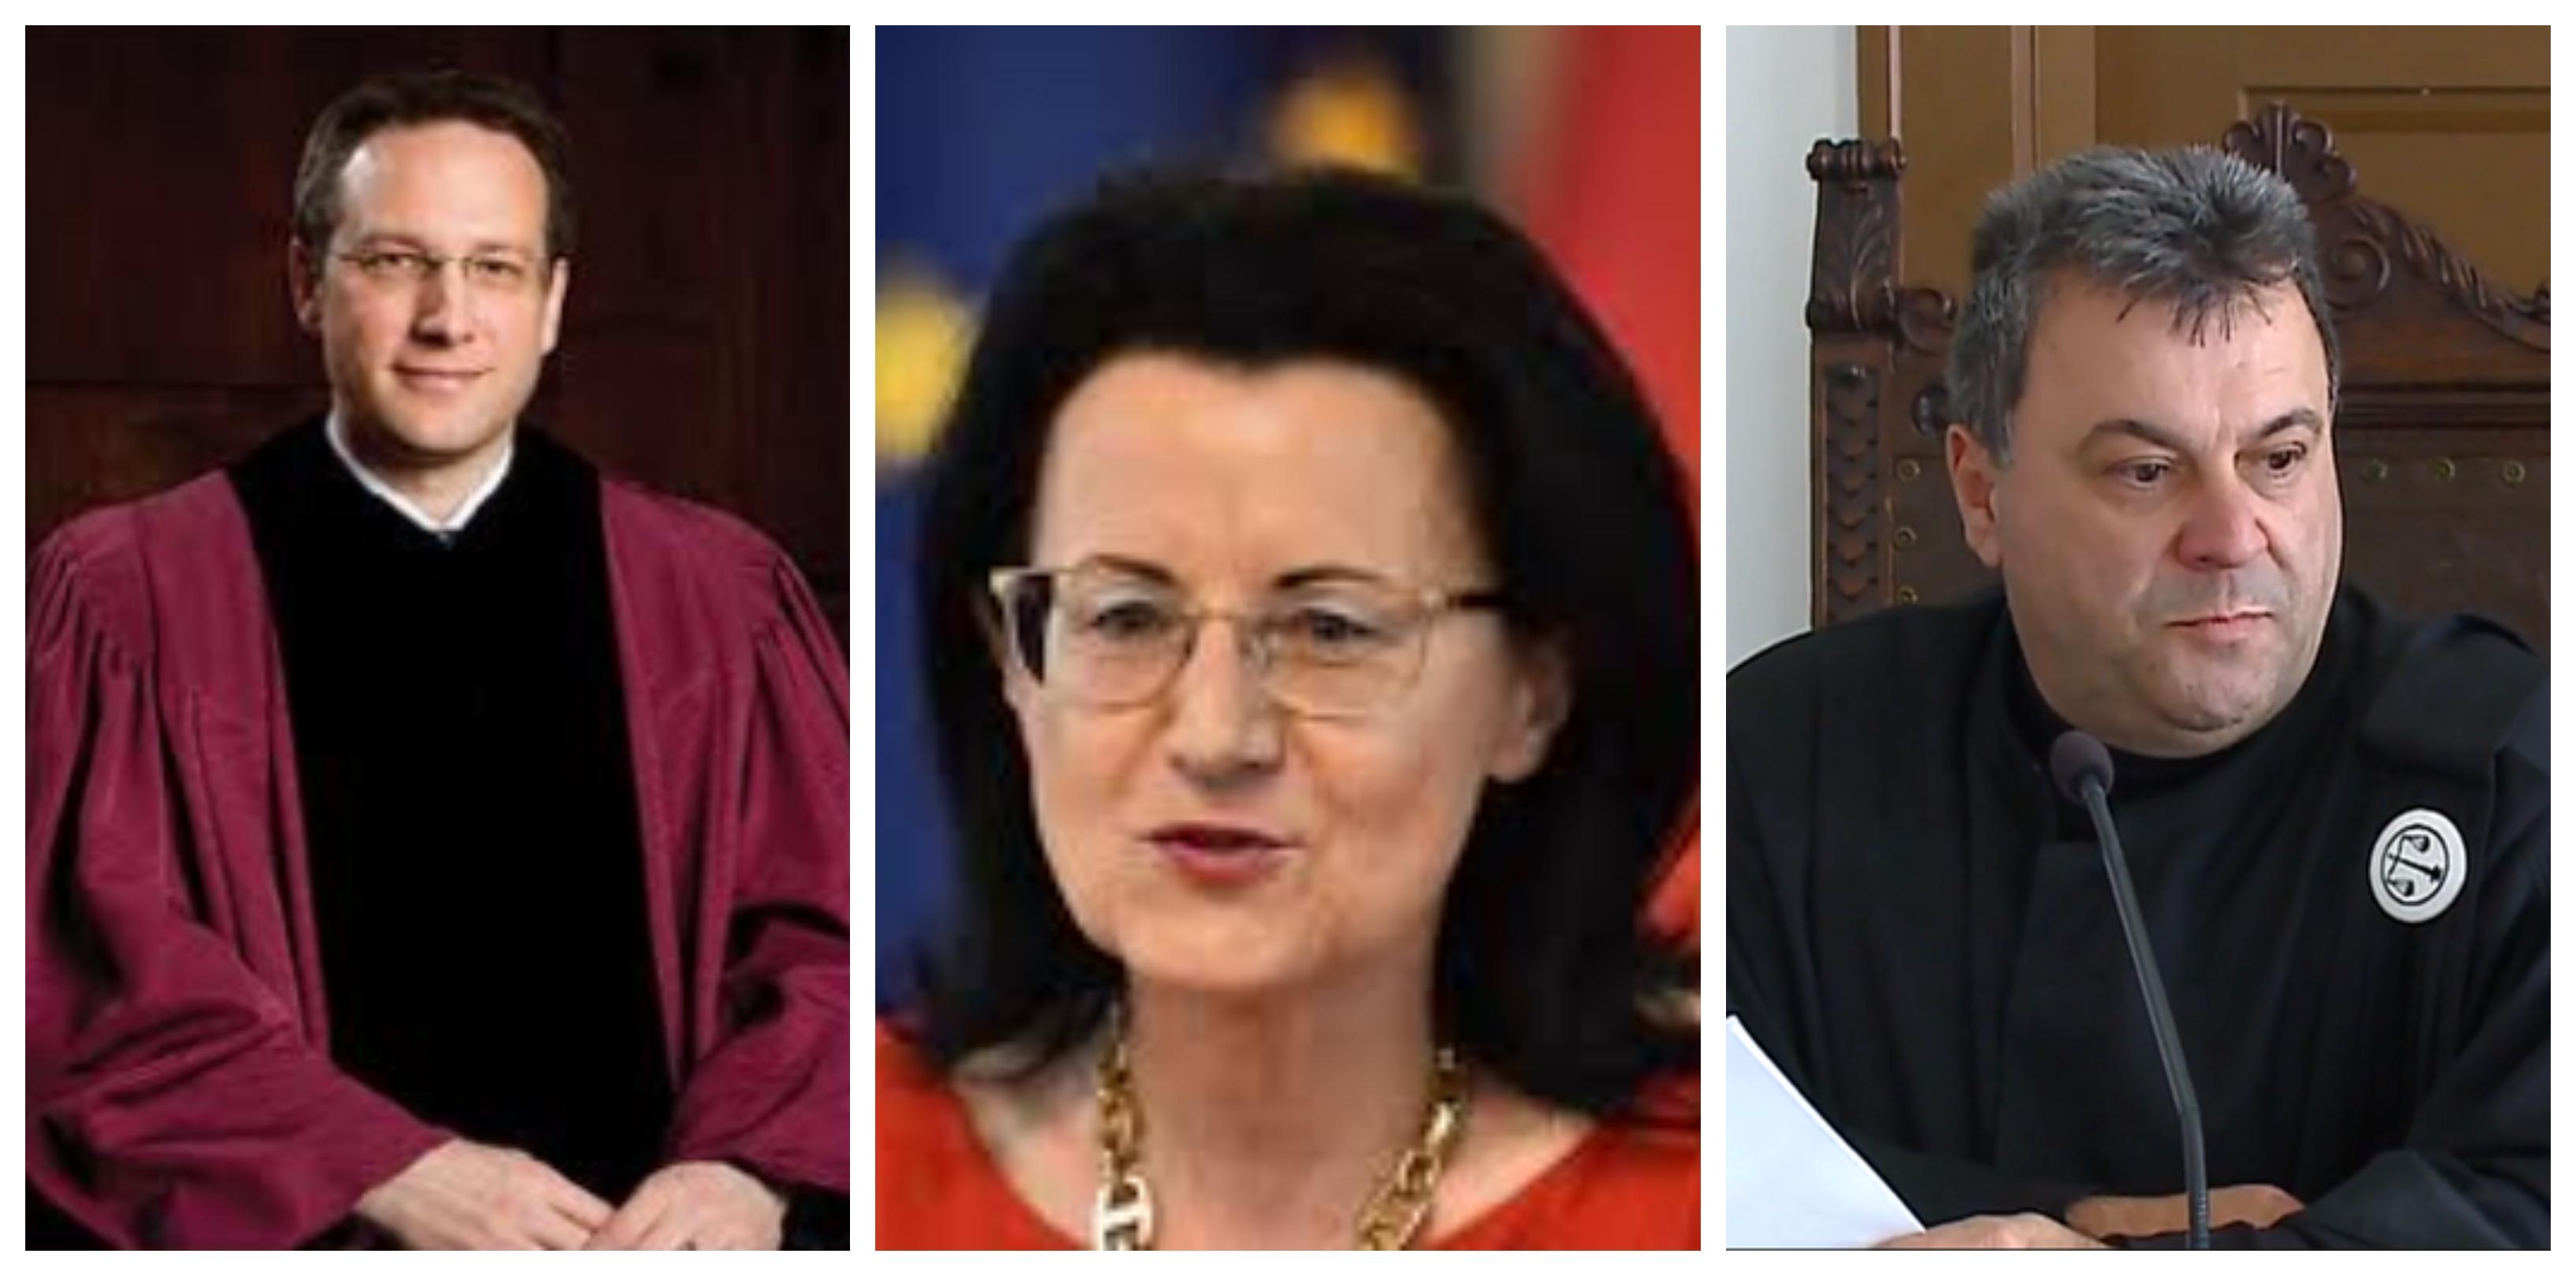 Dr. Klemen Jaklič, dr. Verica Trstenjak, Zvjezdan Radonjić. Tri eminentna pravna imena. Ali bodo premagali lažnivega in politično kompromitiranega dr. Rajka Kneza. (vir Nova24tv, STA, Twitter)